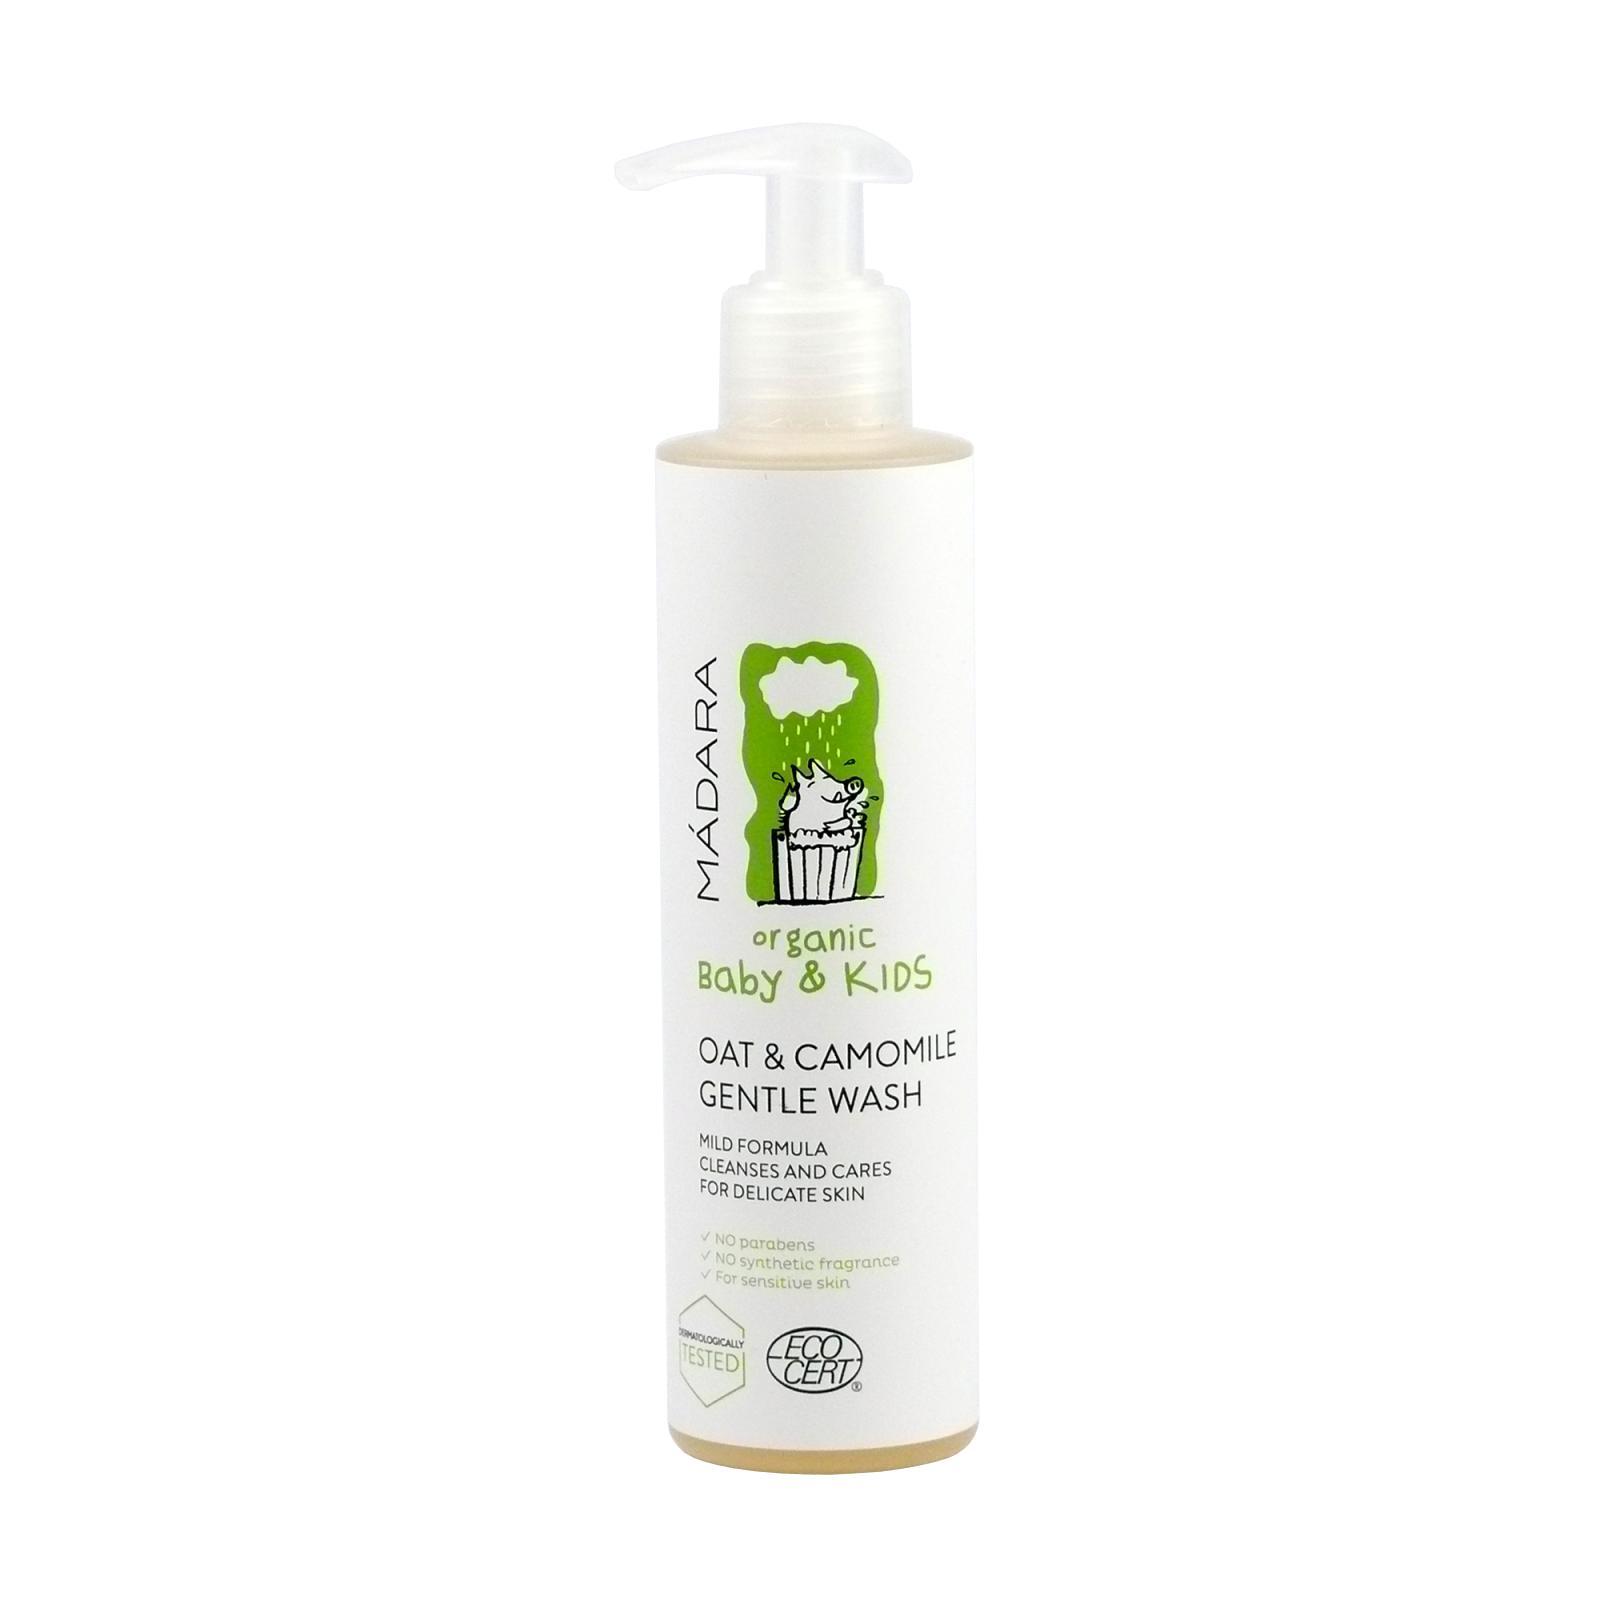 Mádara jemný šampon oves a lípa, baby & kids, 200 ml